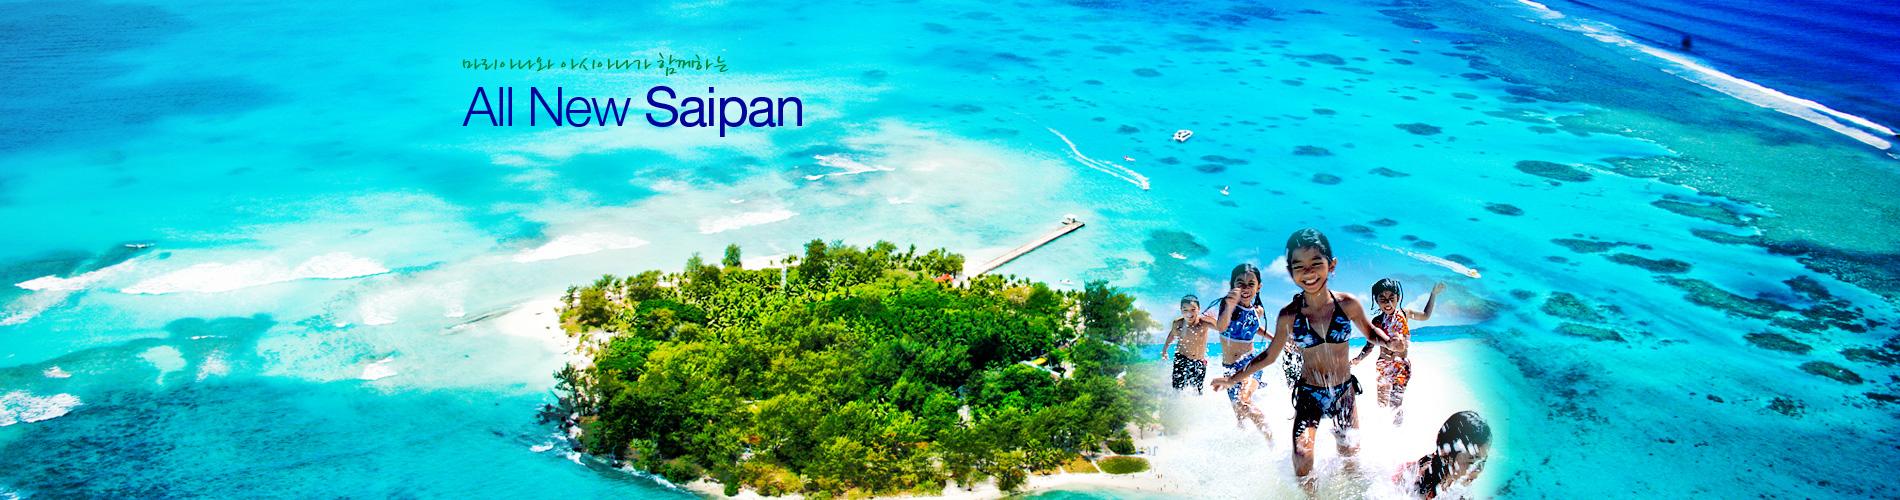 마리아나와 아시아나가 함께하는 All New Saipan